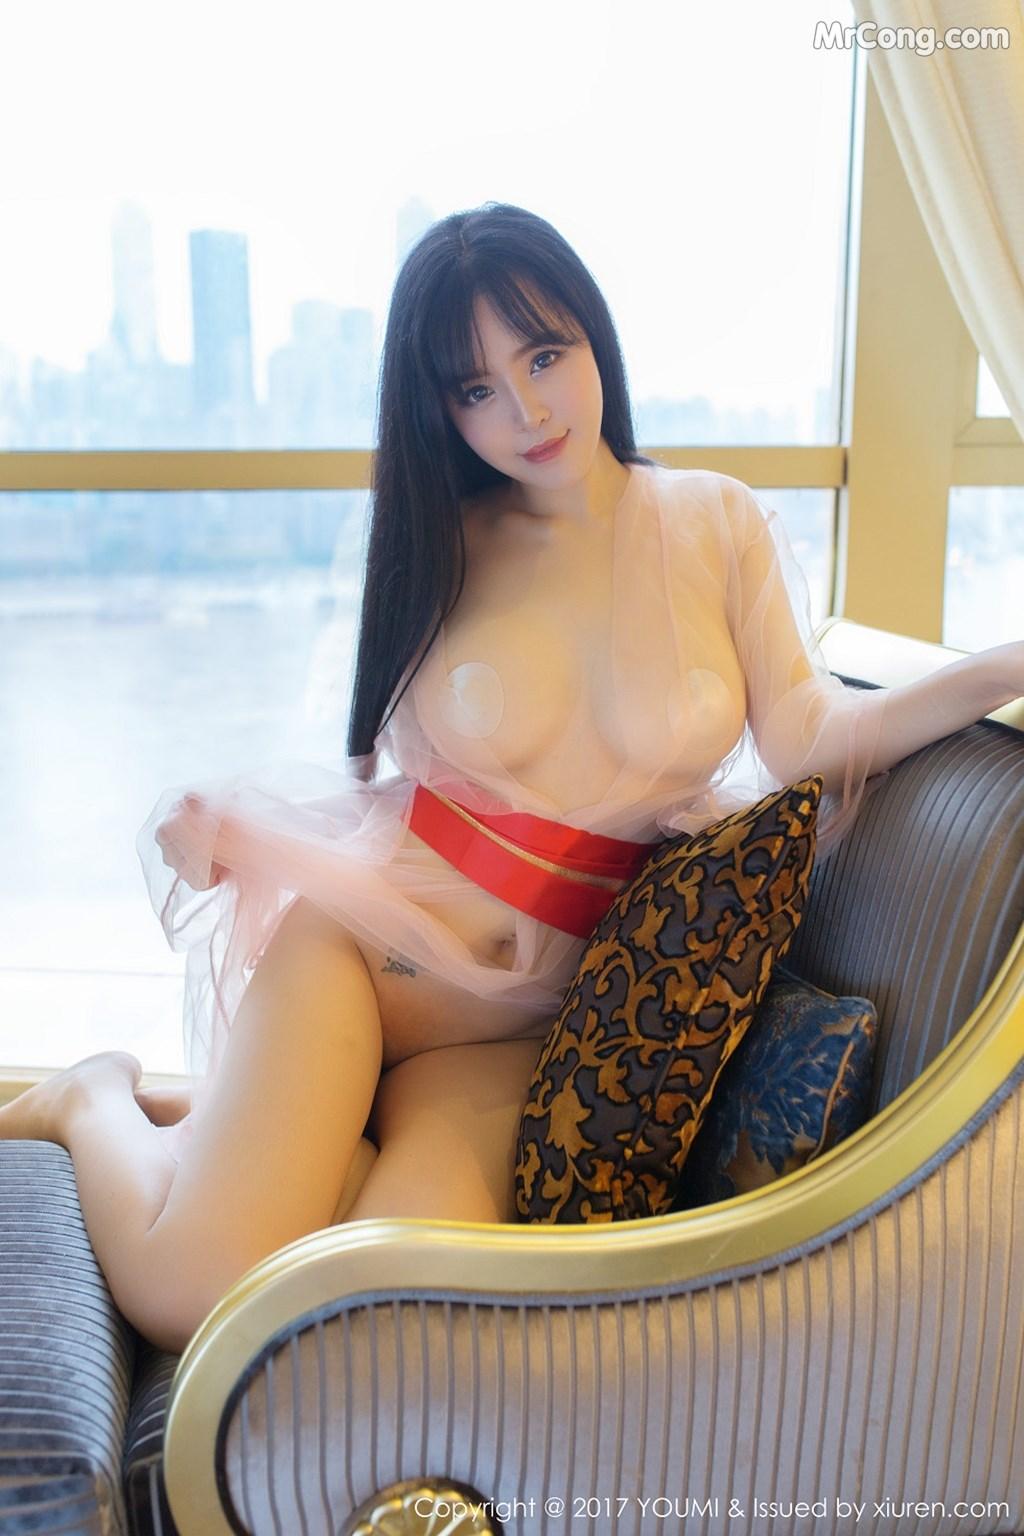 Image YouMi-Vol.070-Liu-Yu-Er-MrCong.com-029 in post YouMi Vol.070: Người mẫu Liu Yu Er (刘钰儿) (45 ảnh)